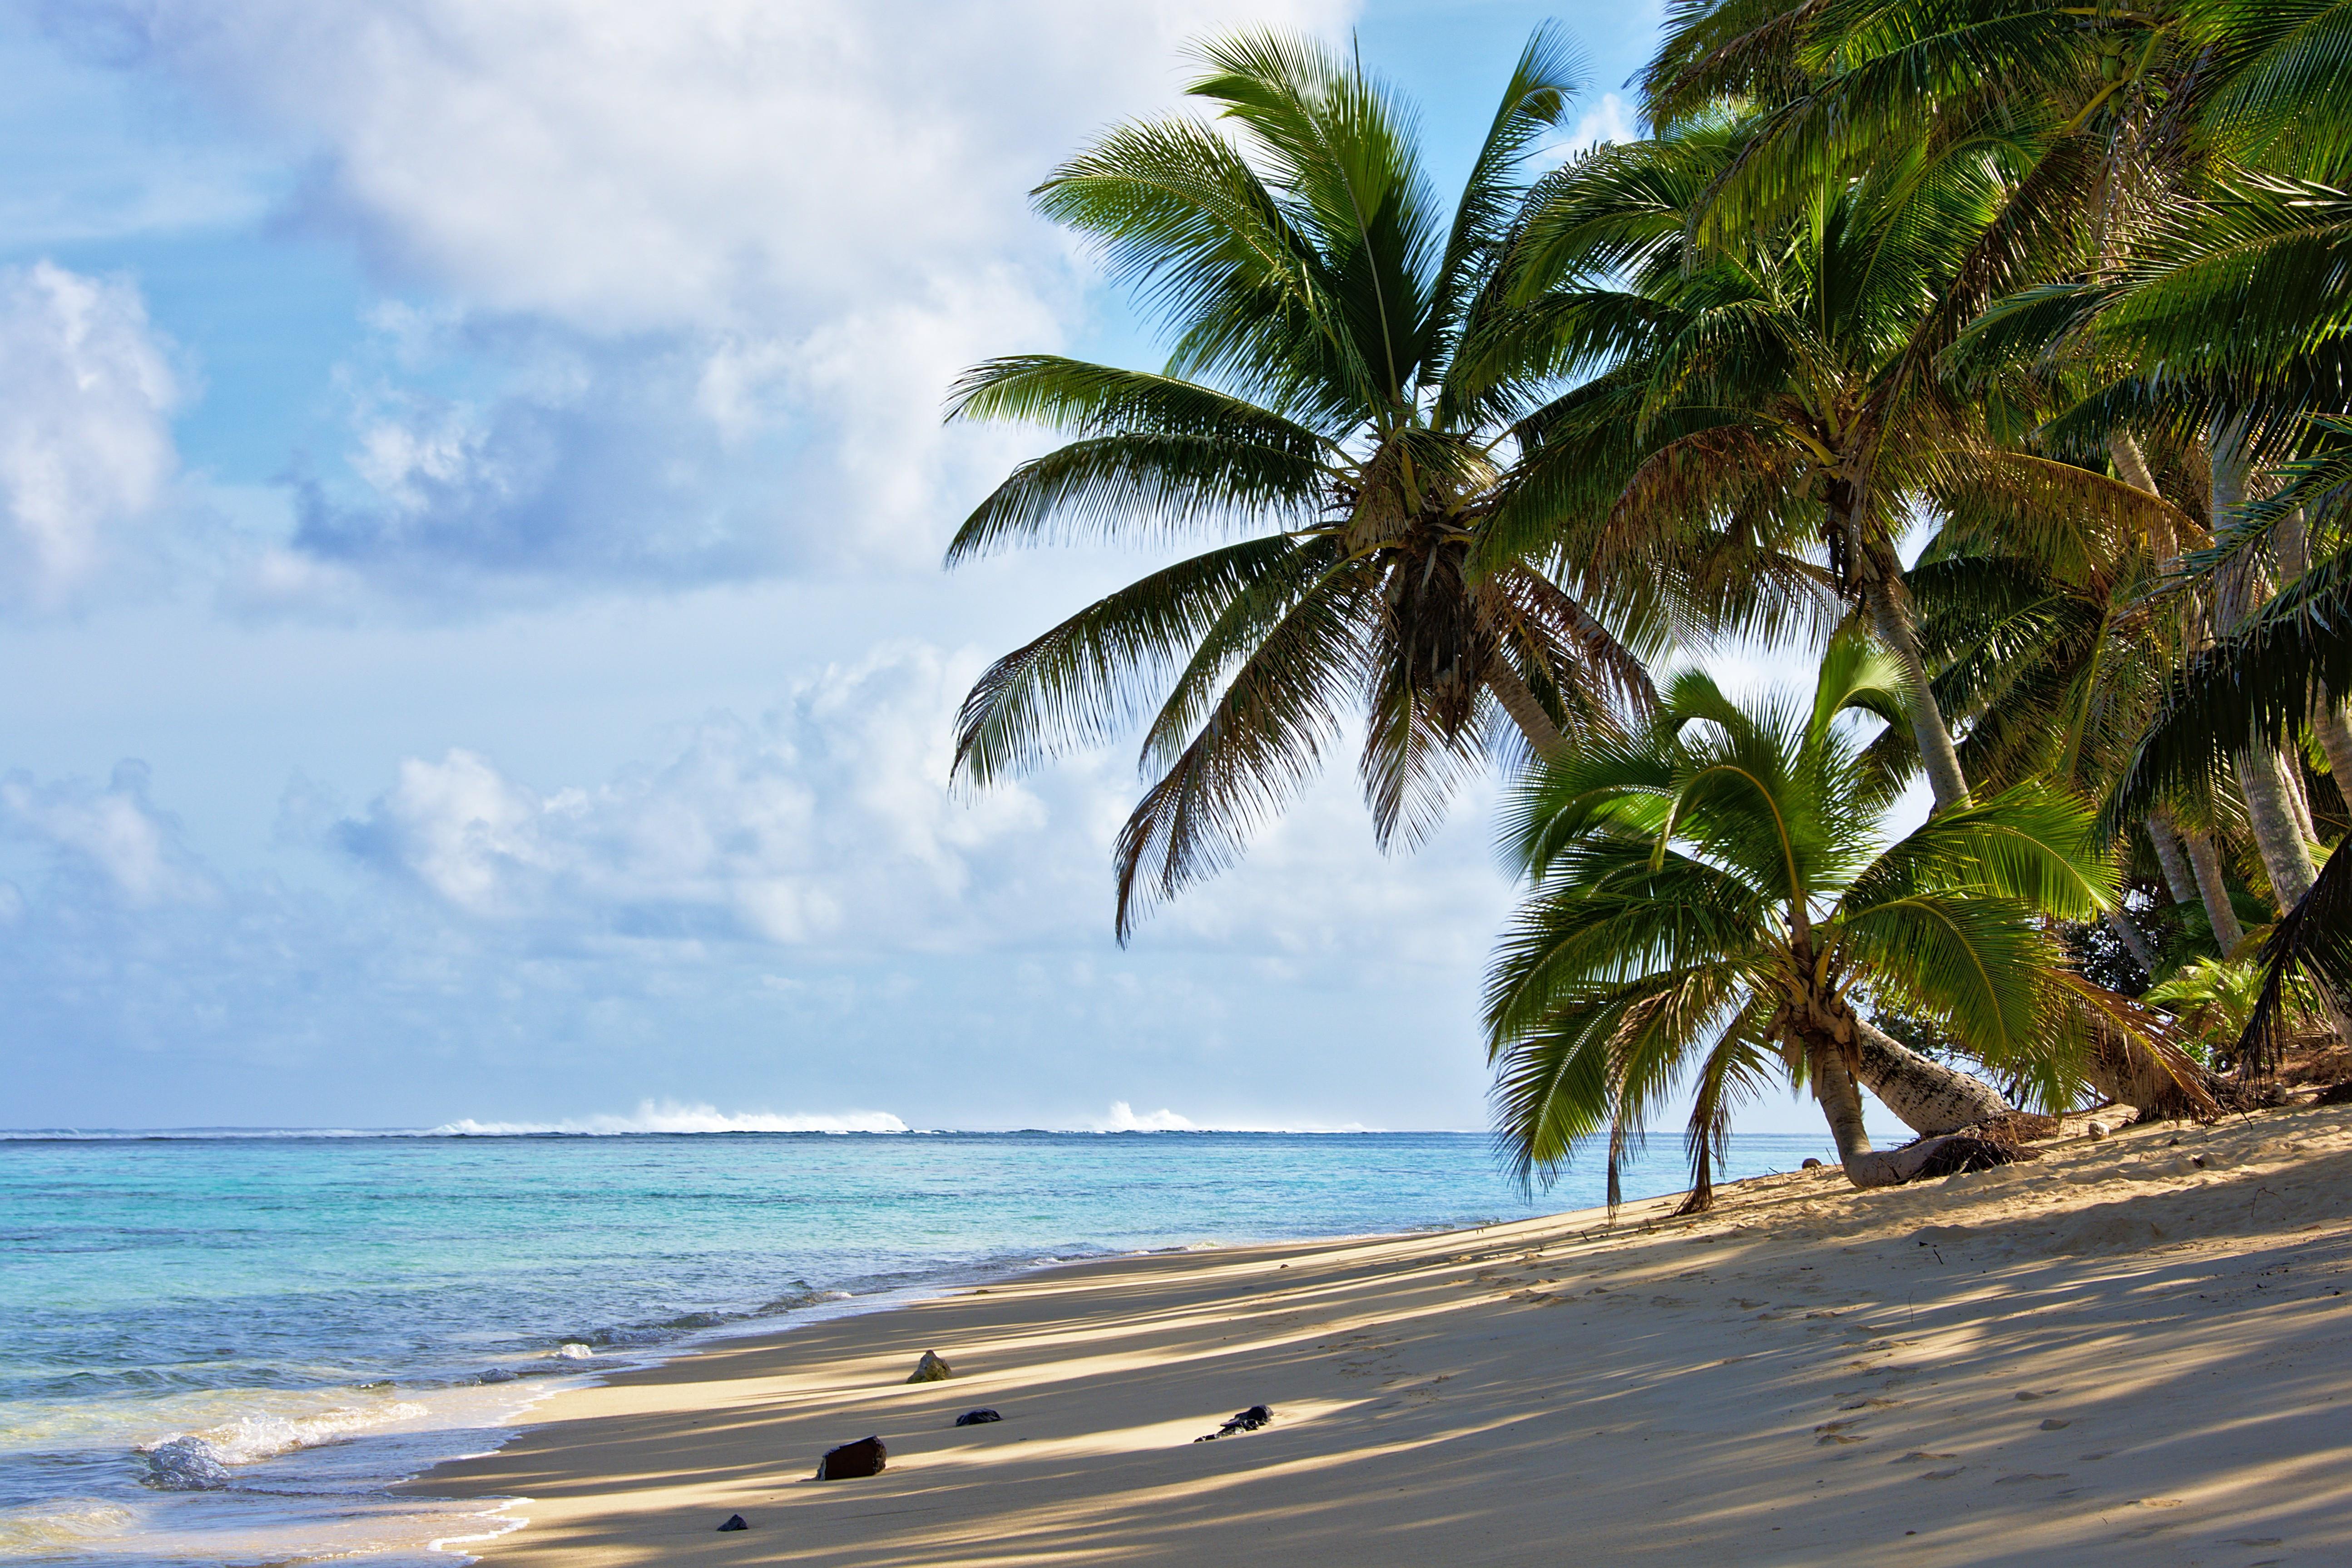 130976 скачать обои Природа, Море, Пляж, Пальмы, Побережье - заставки и картинки бесплатно